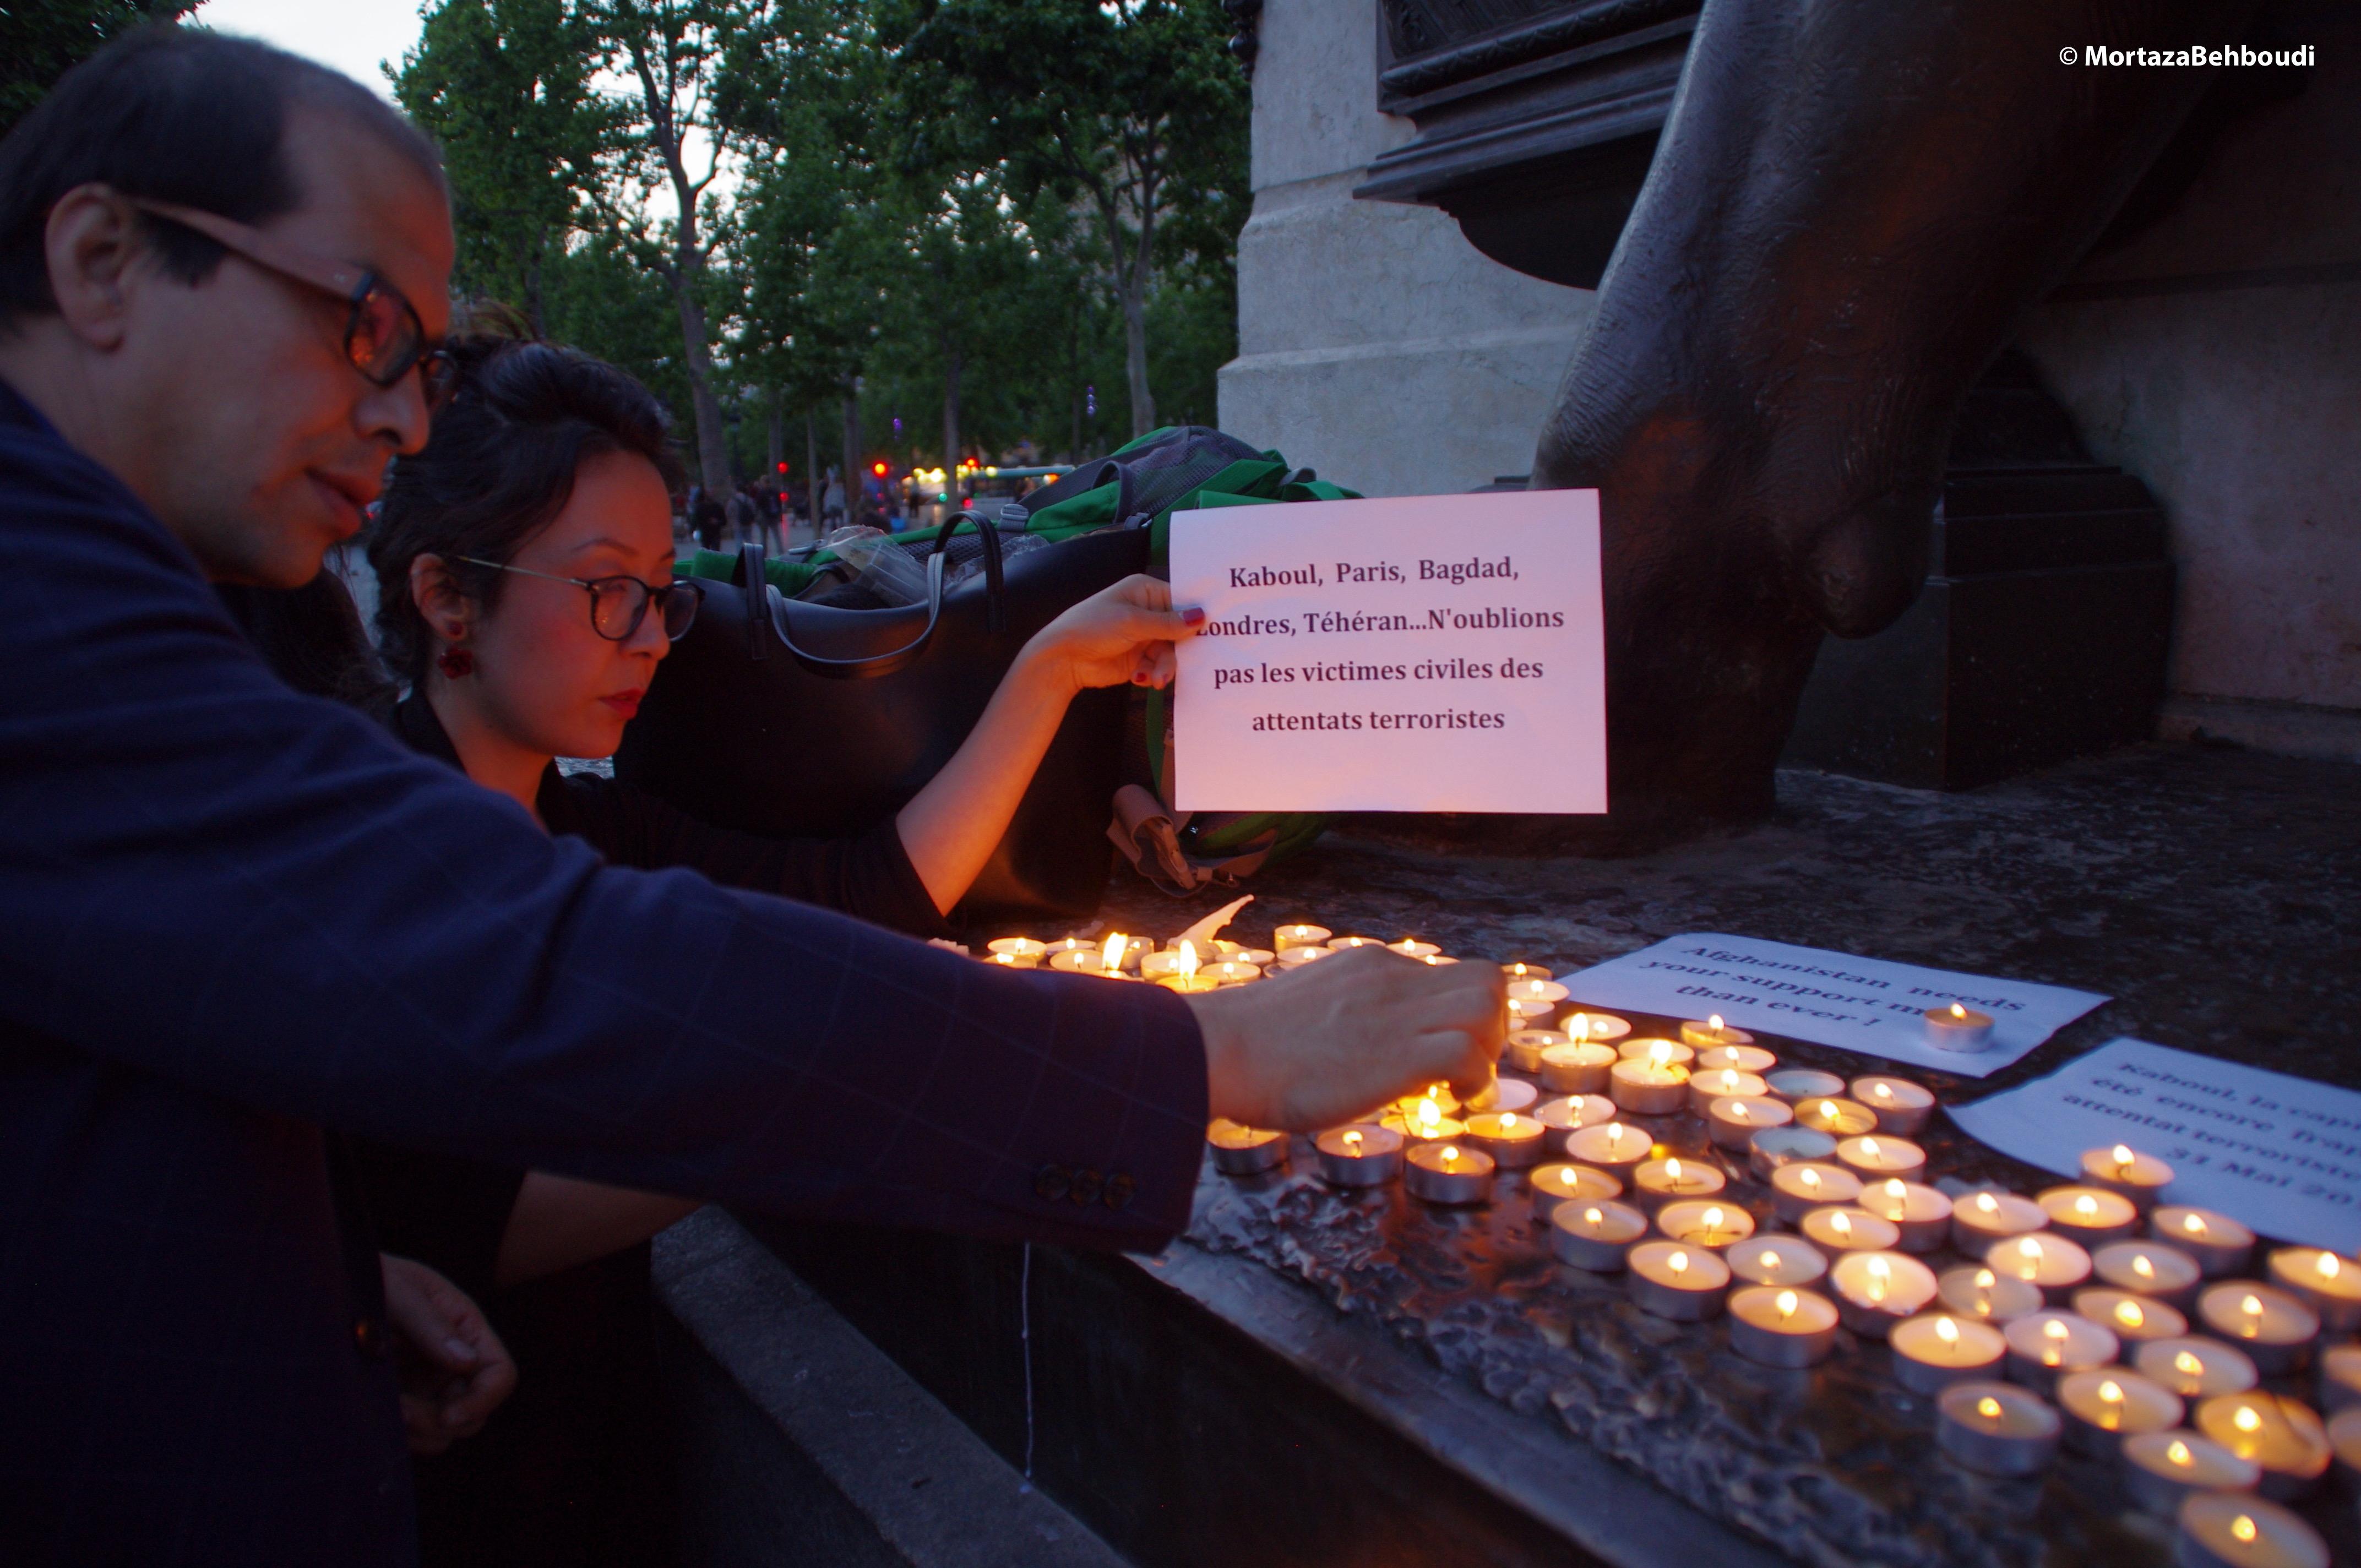 Paris - Rassemblement pour la mémoire des victimes des attaques terroristes à Kaboul © Mortaza Behboudi